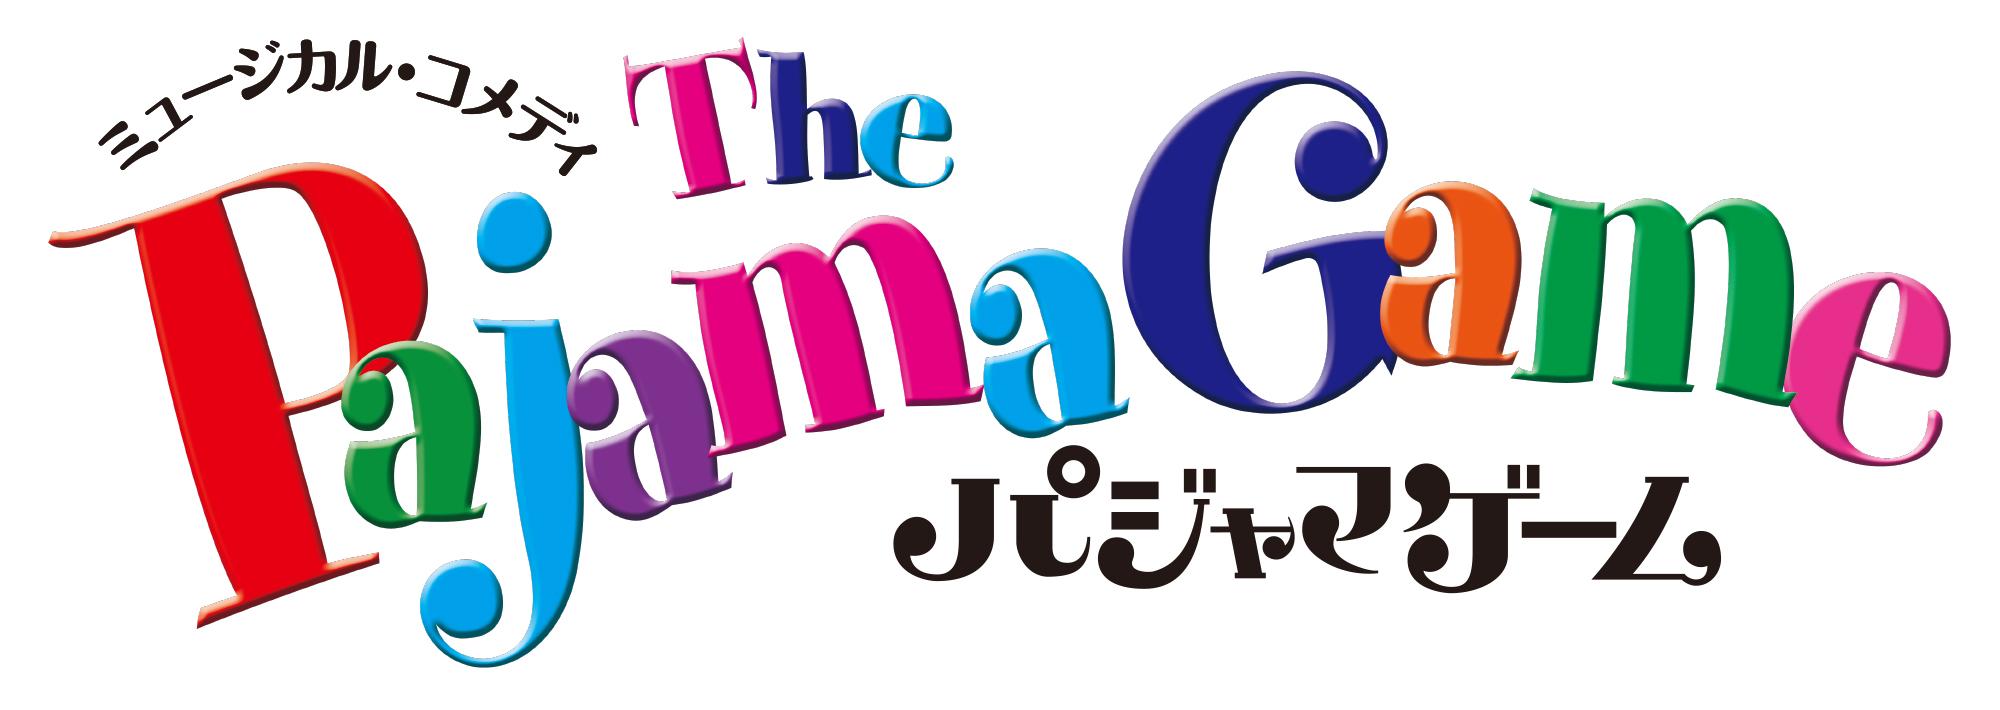 新納慎也 9月25日~10月29日ミュージカル・コメディ「パジャマゲーム」出演情報!!